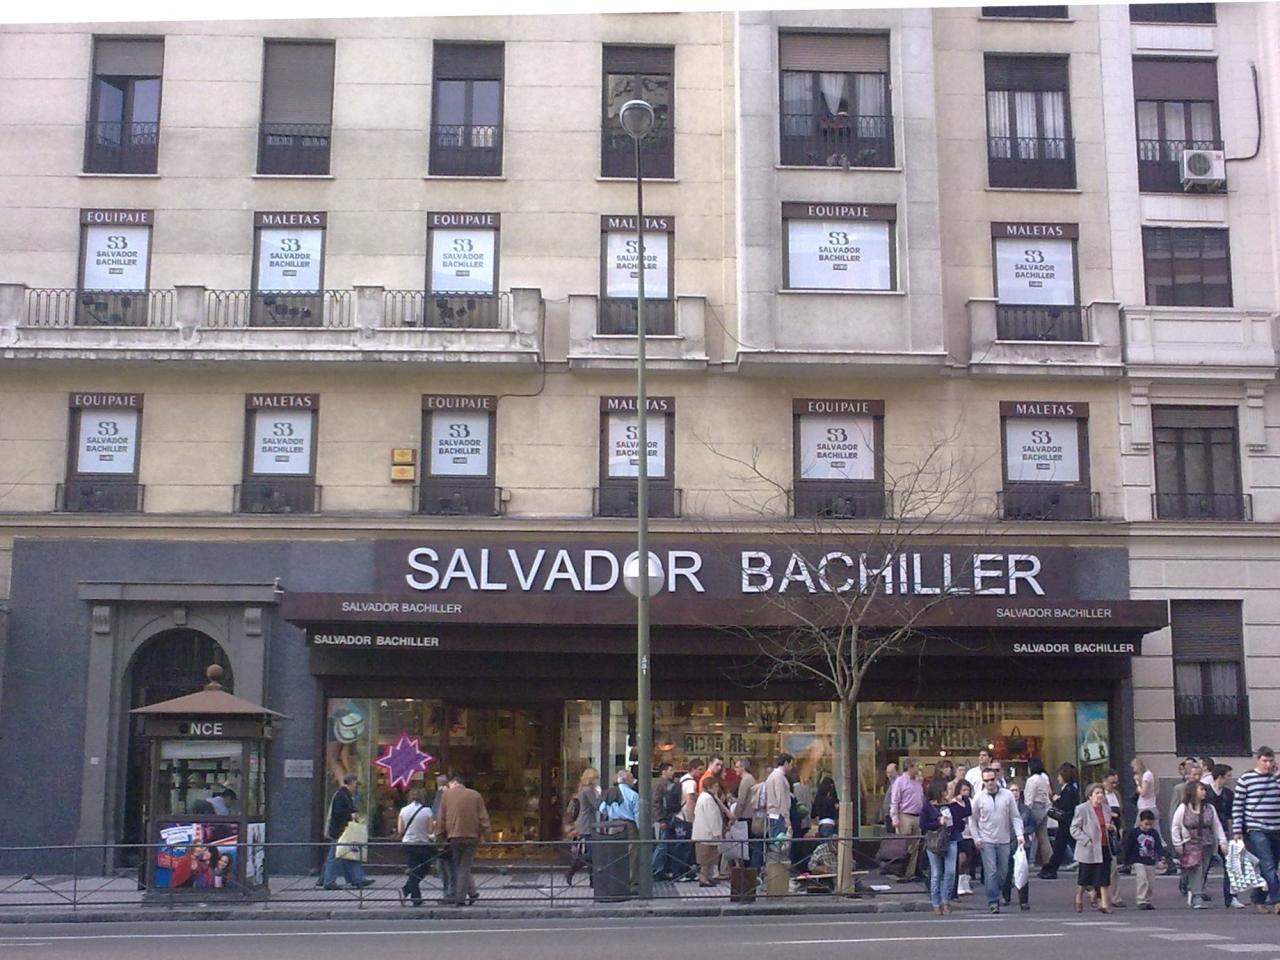 Salvador - Joyeros salvador bachiller ...